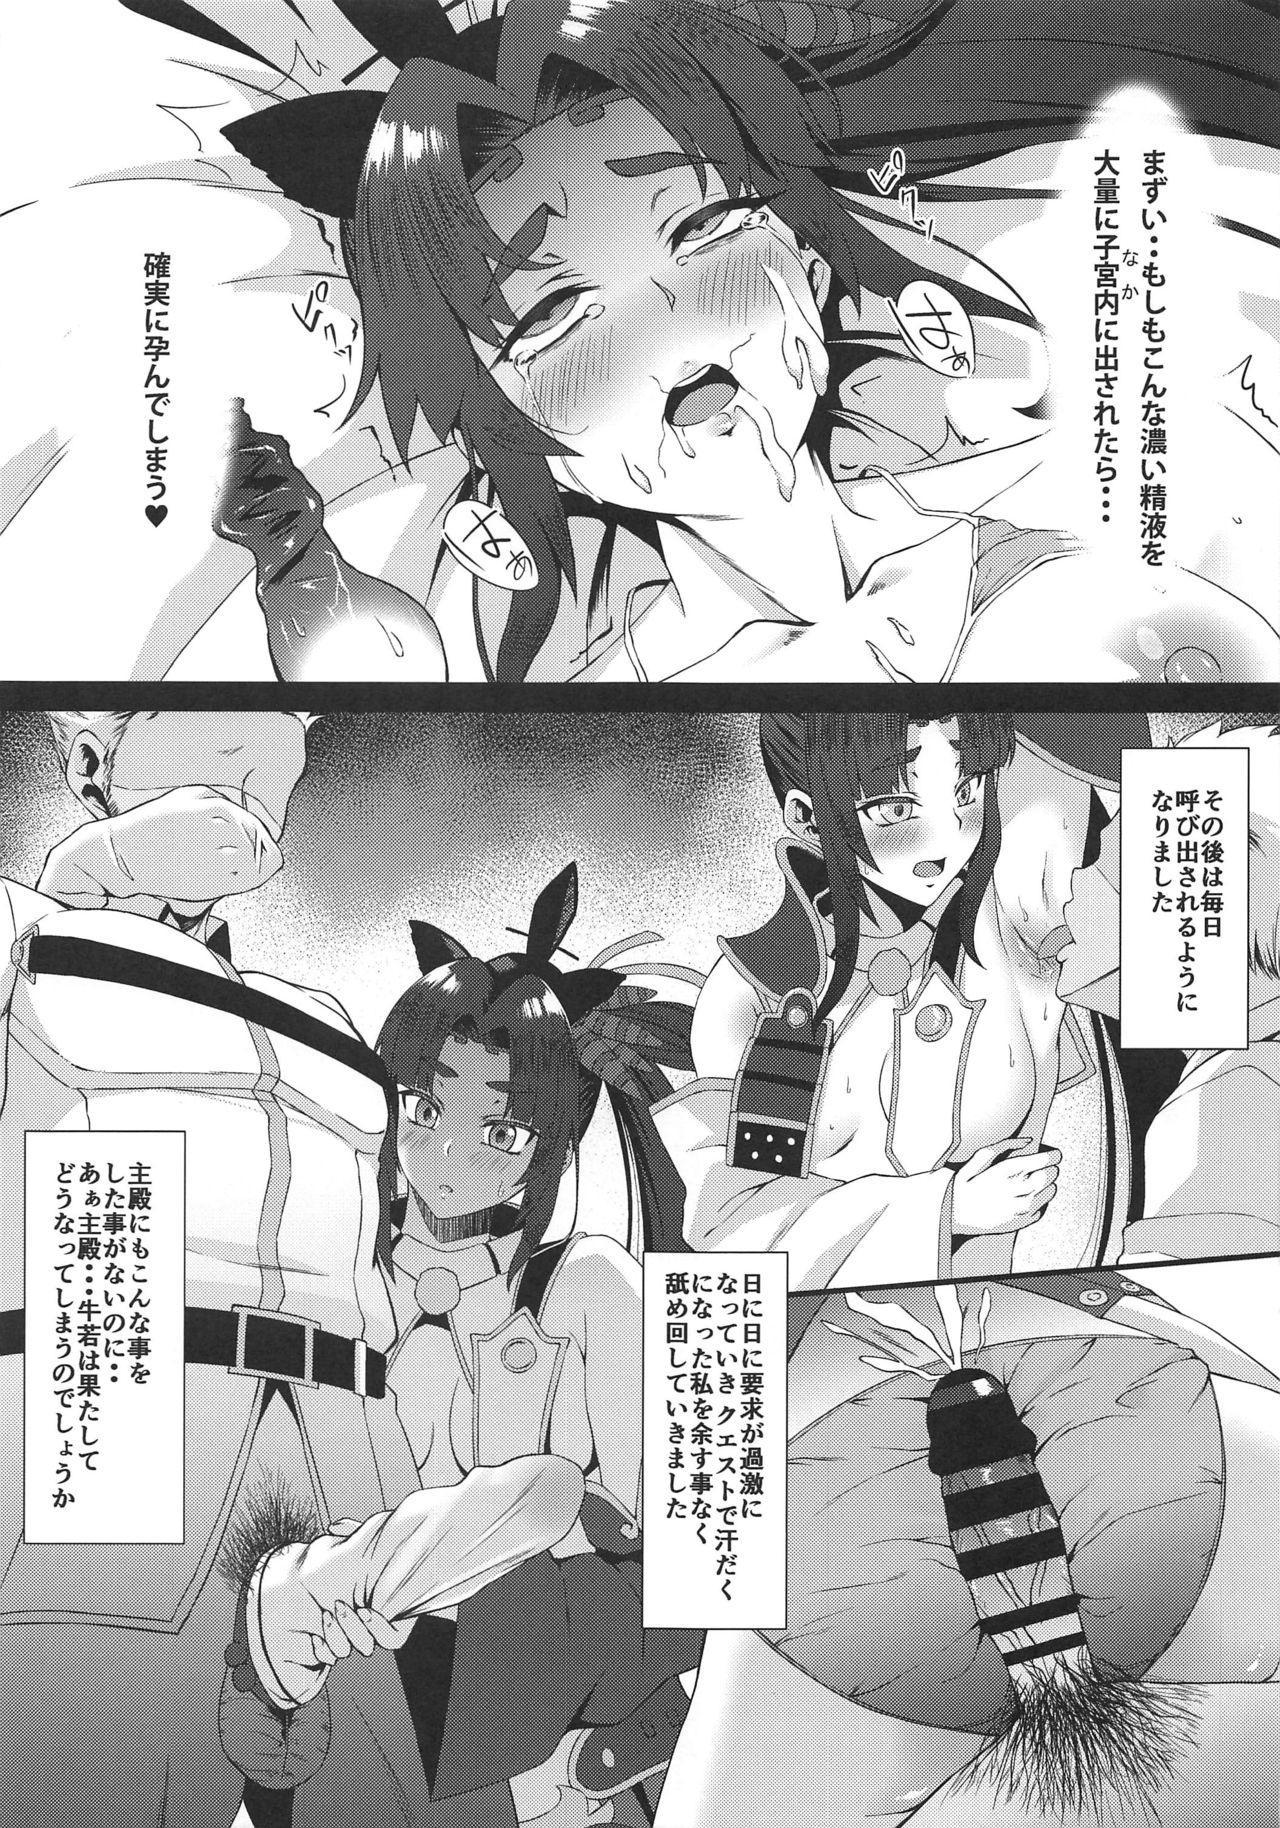 FDO Fate/Dosukebe Order VOL. 2.5 + C97 Kaijou Gentei Omakebon 7